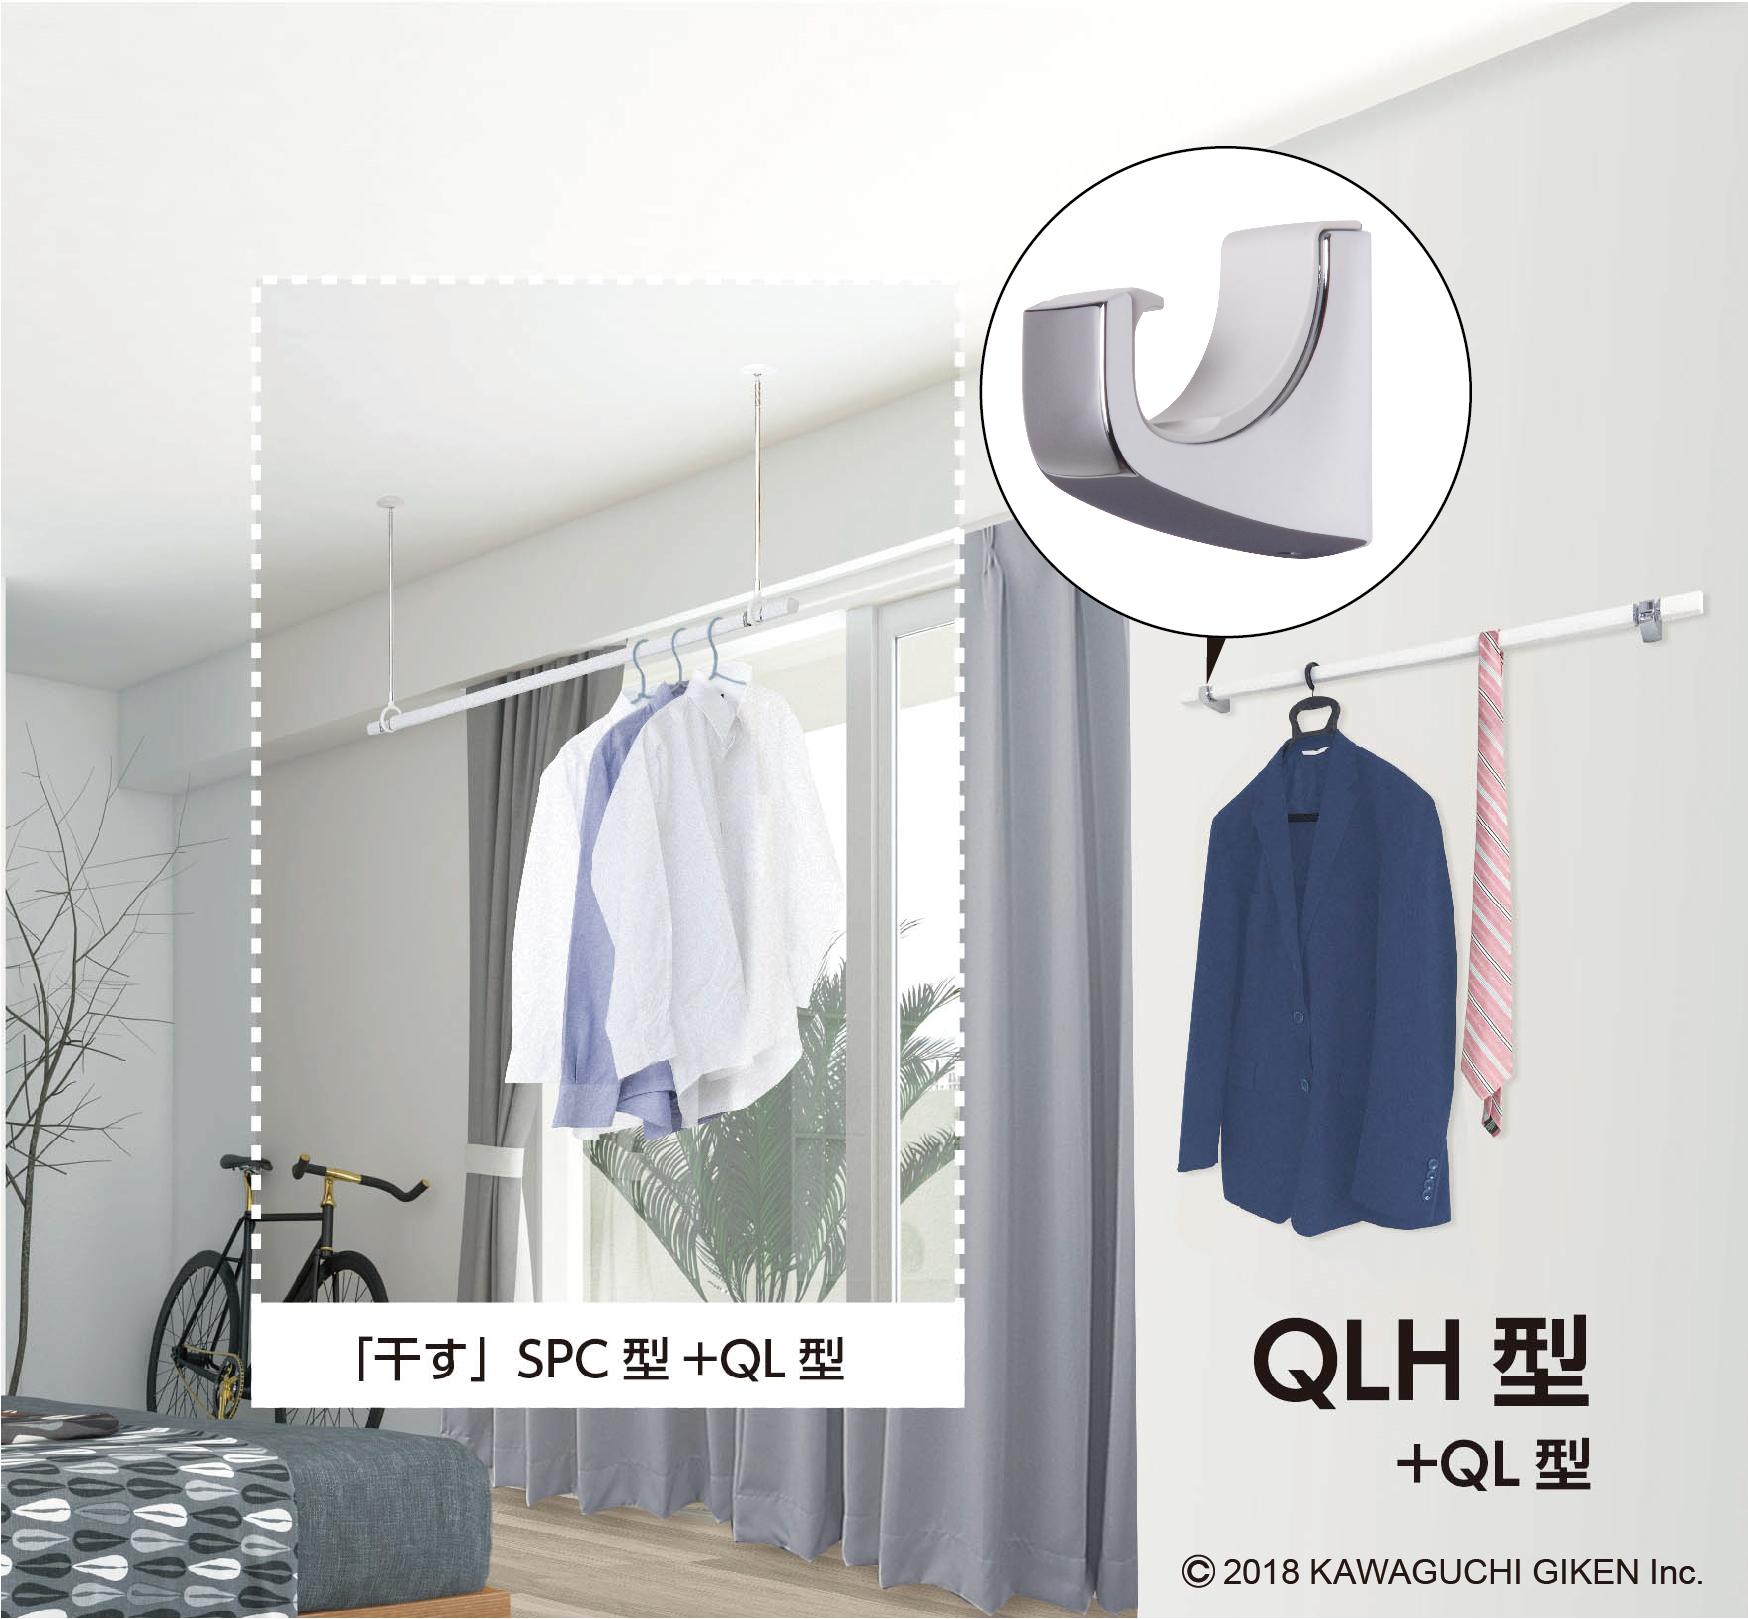 QLHのイメージ